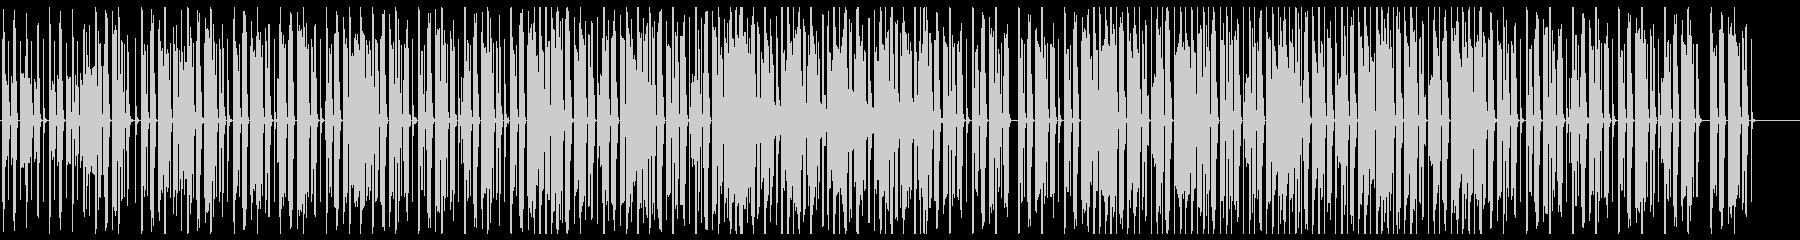 オシャレなチル系ビート 歌なしサックス無の未再生の波形